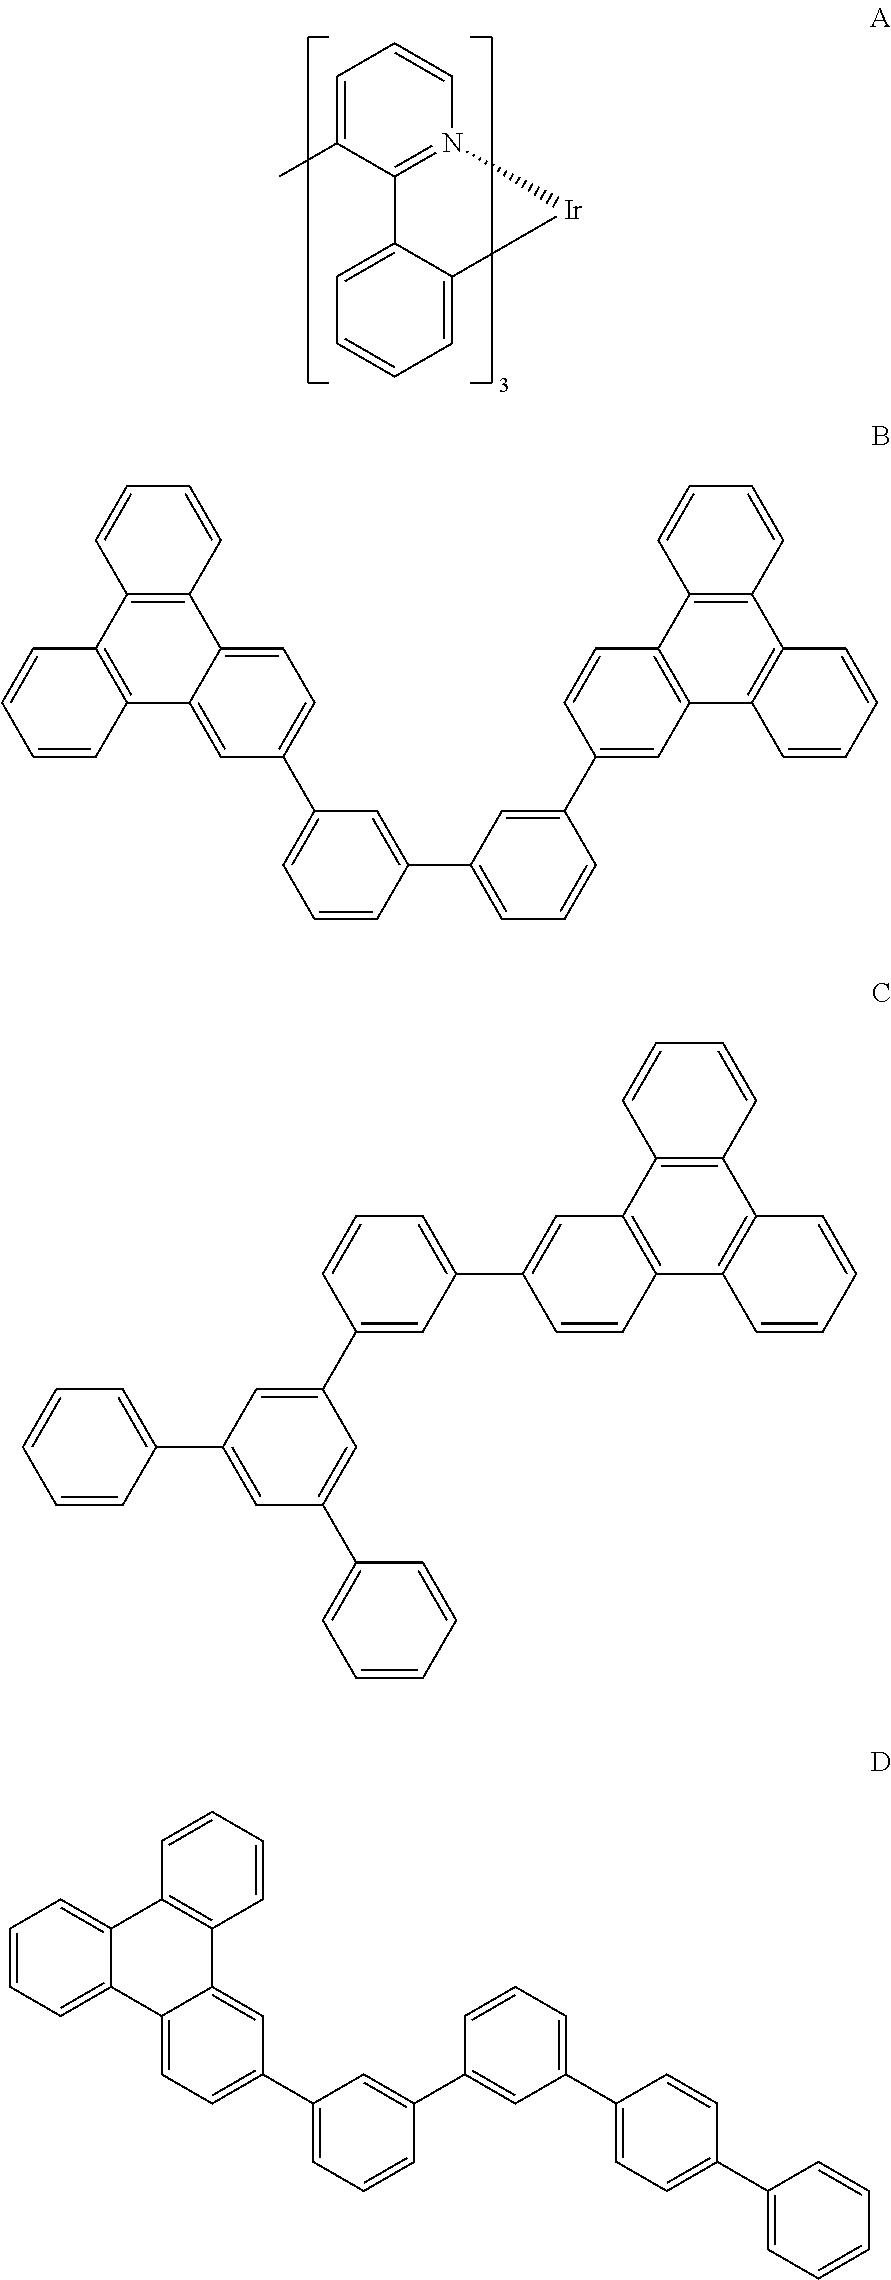 Figure US08866377-20141021-C00002